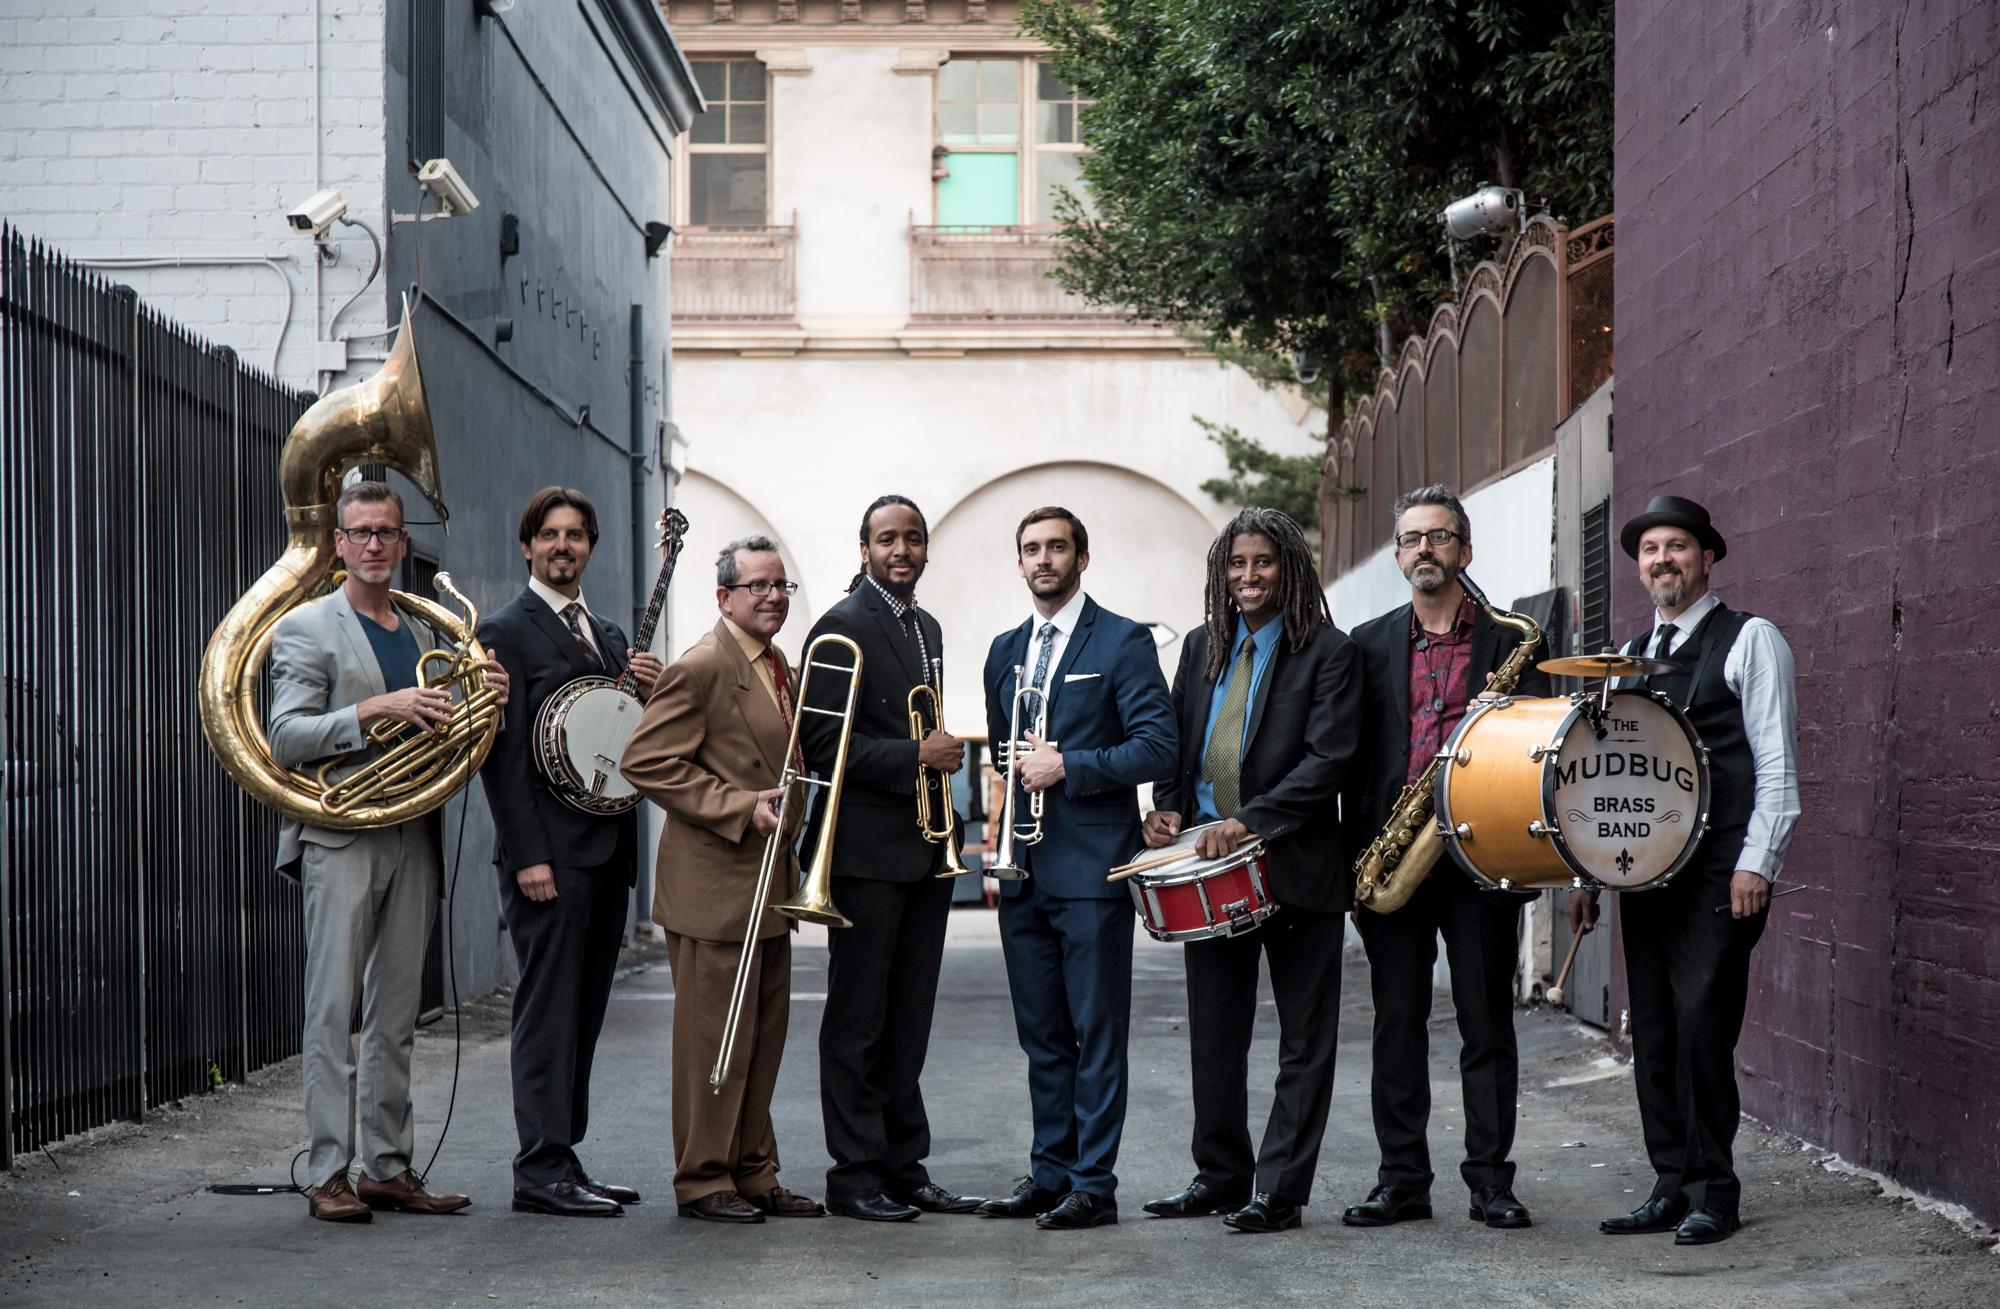 Mudbug Brass: Down the Alley 2016!